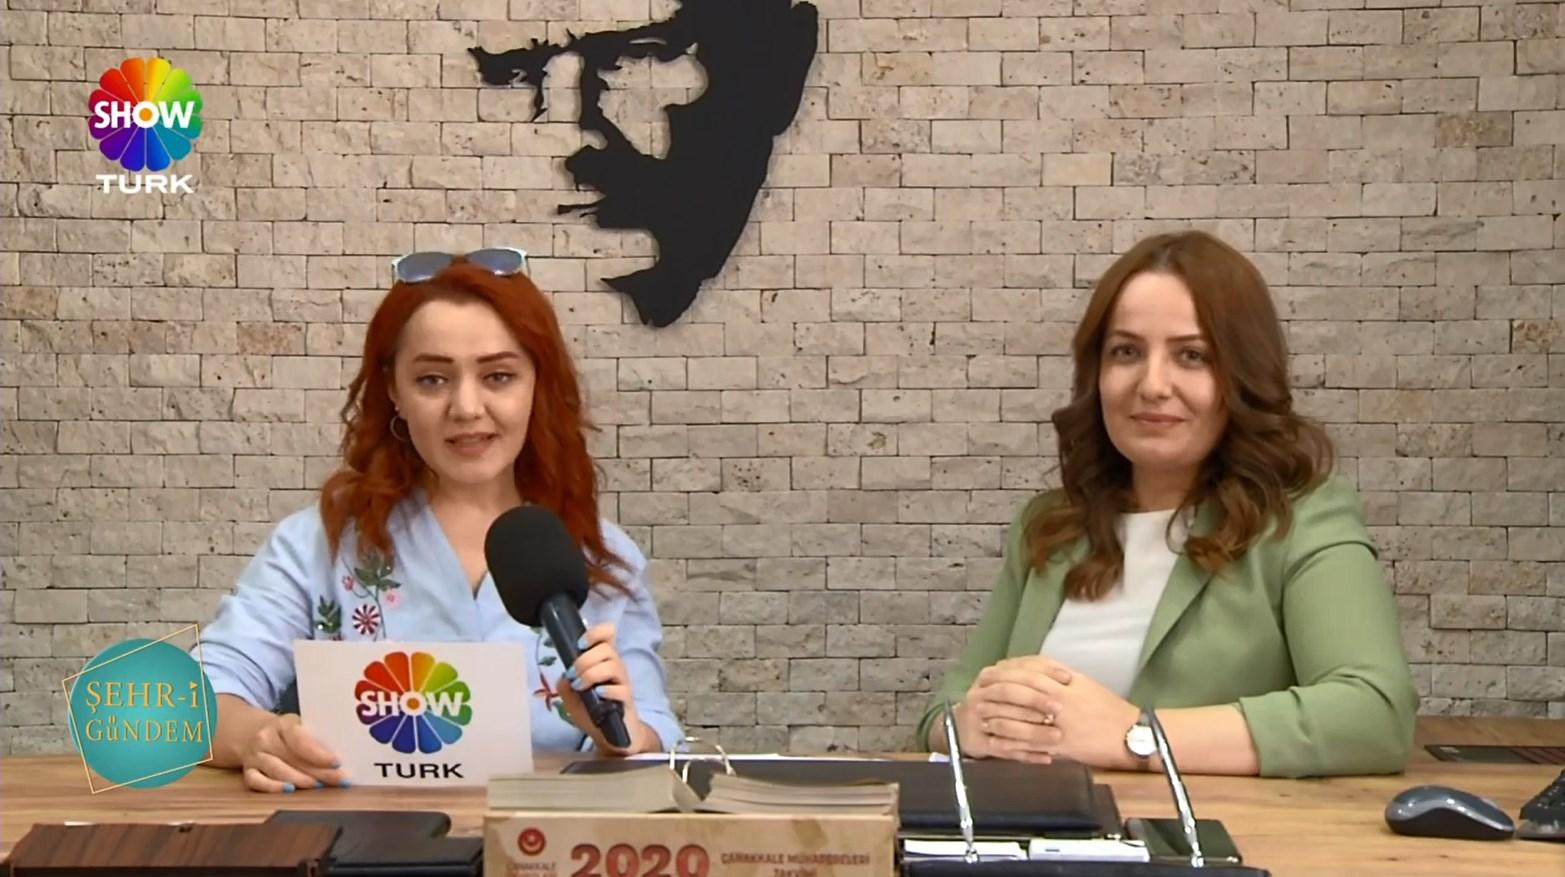 Çanakkale Sigorta, Ana Sayfa, Aybek Sigorta